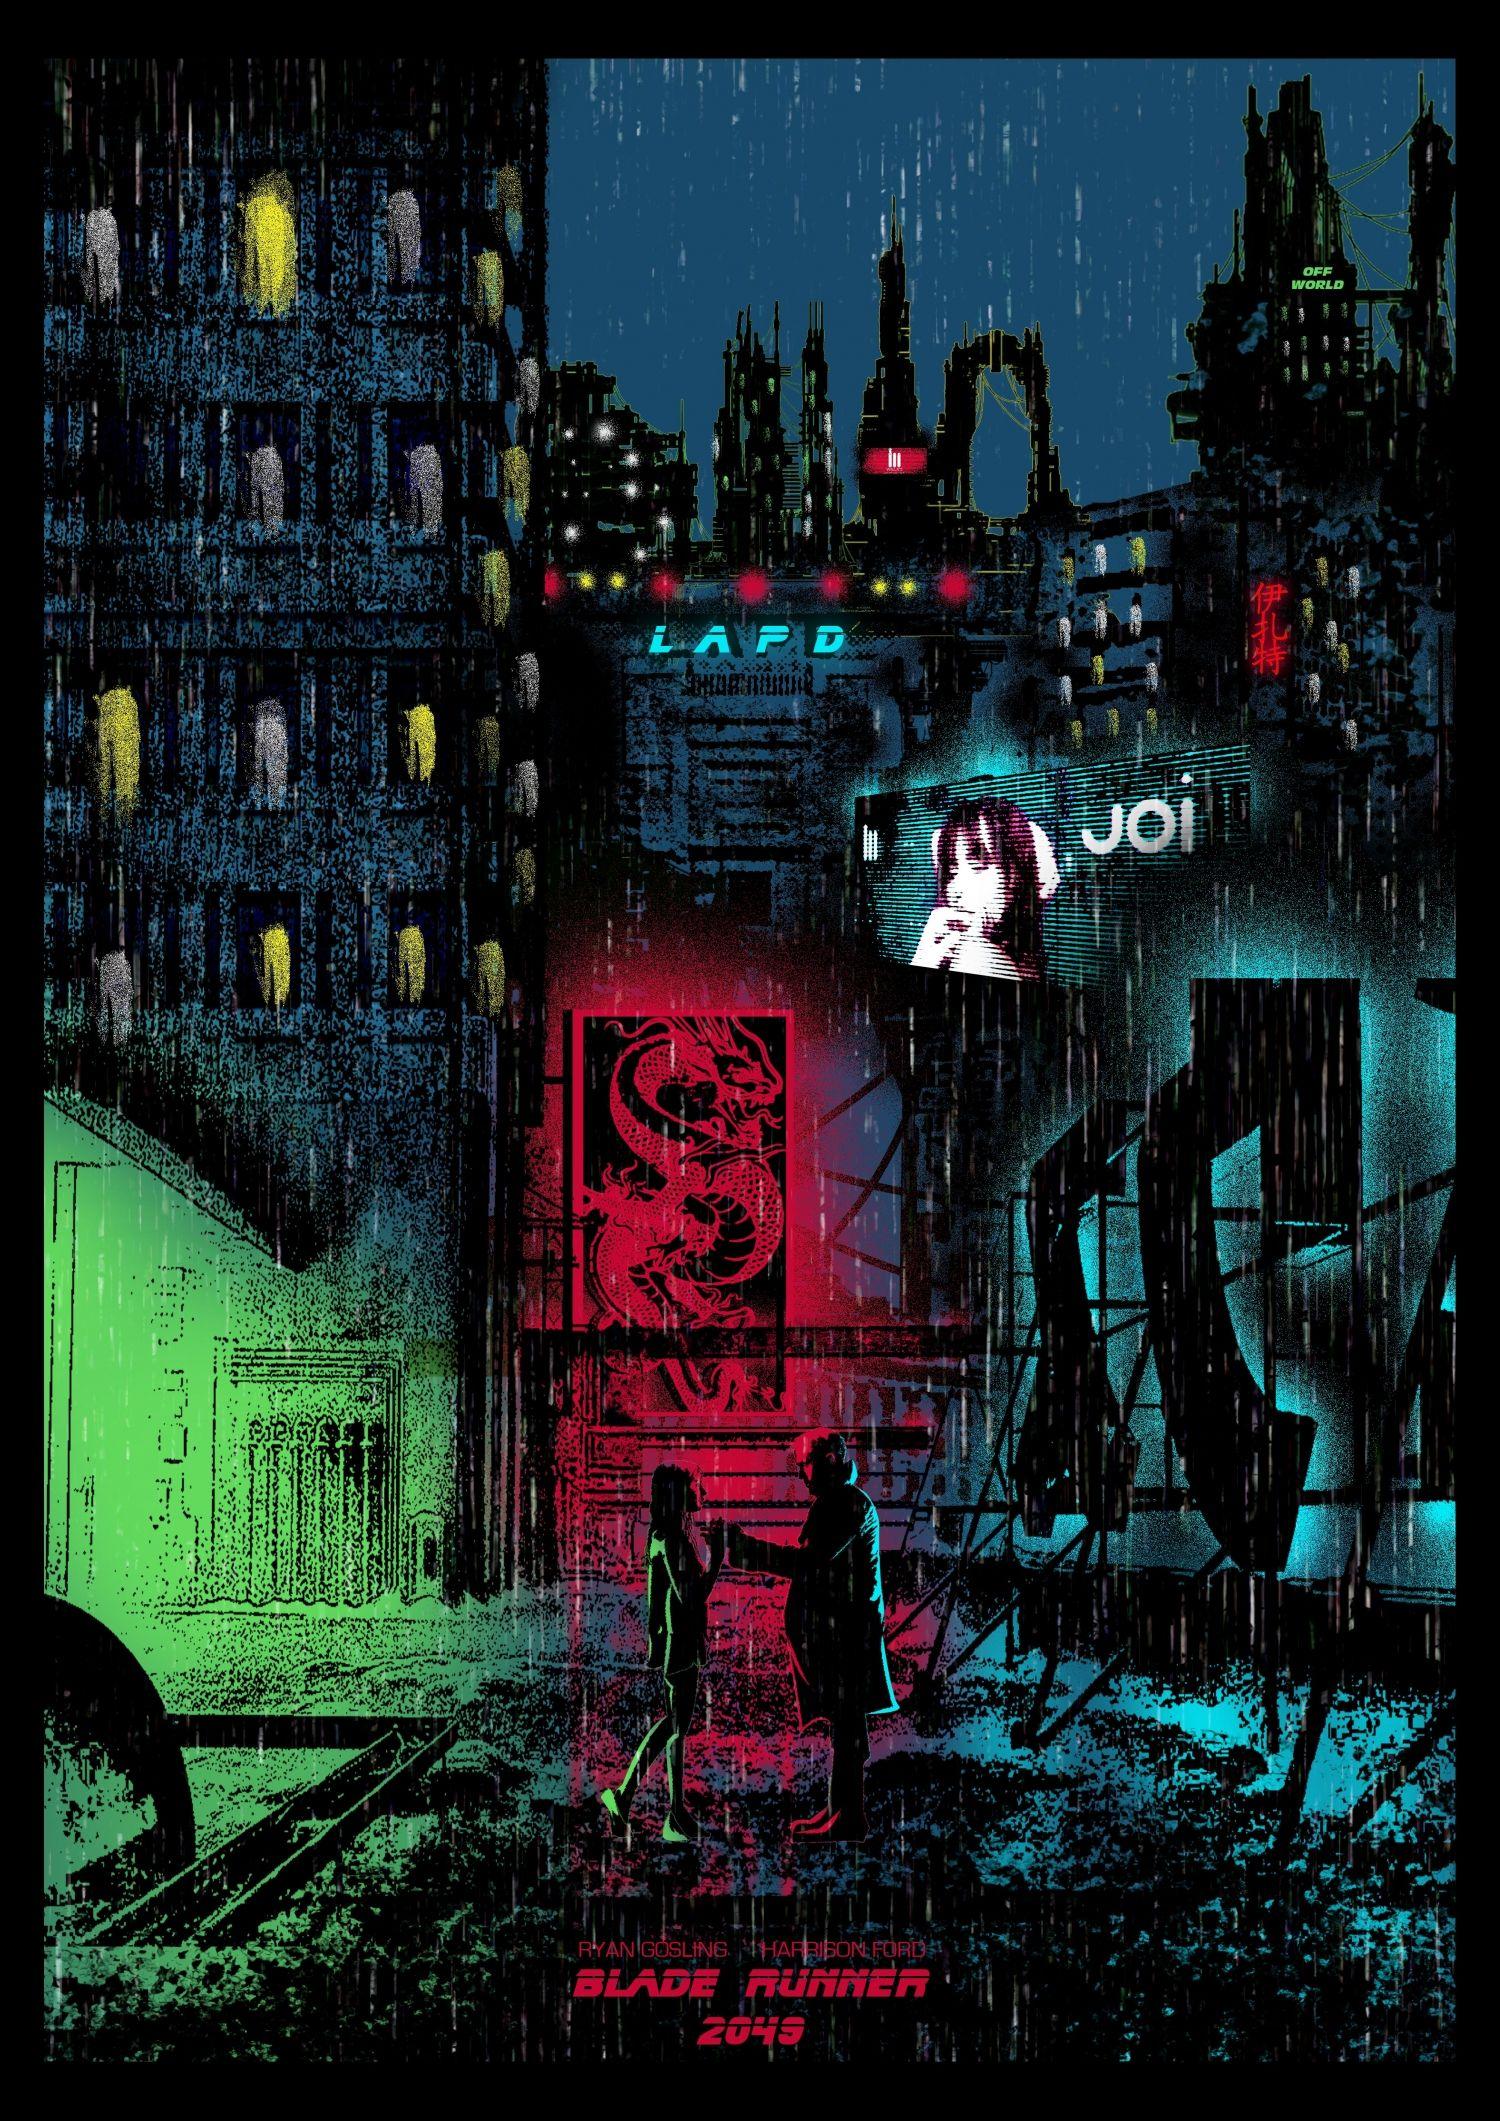 Blade Runner 2049 2017 1500 X 2121 Repinned By Echocinematics